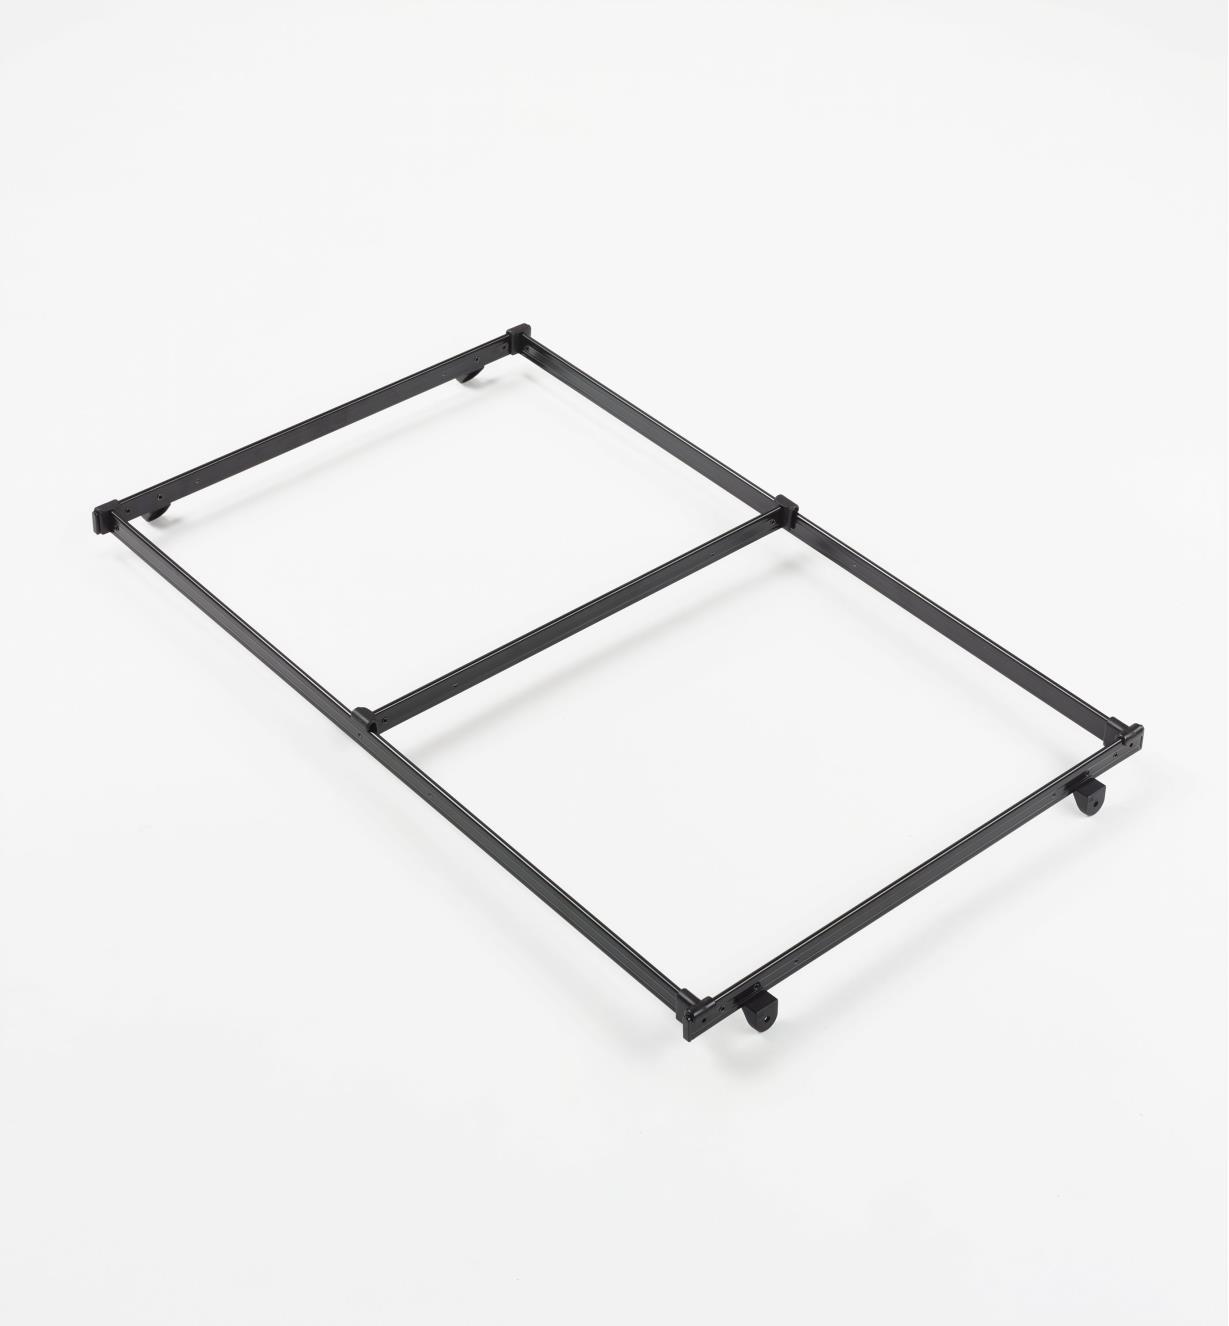 00S0960 - Composants pour classeur, grand format